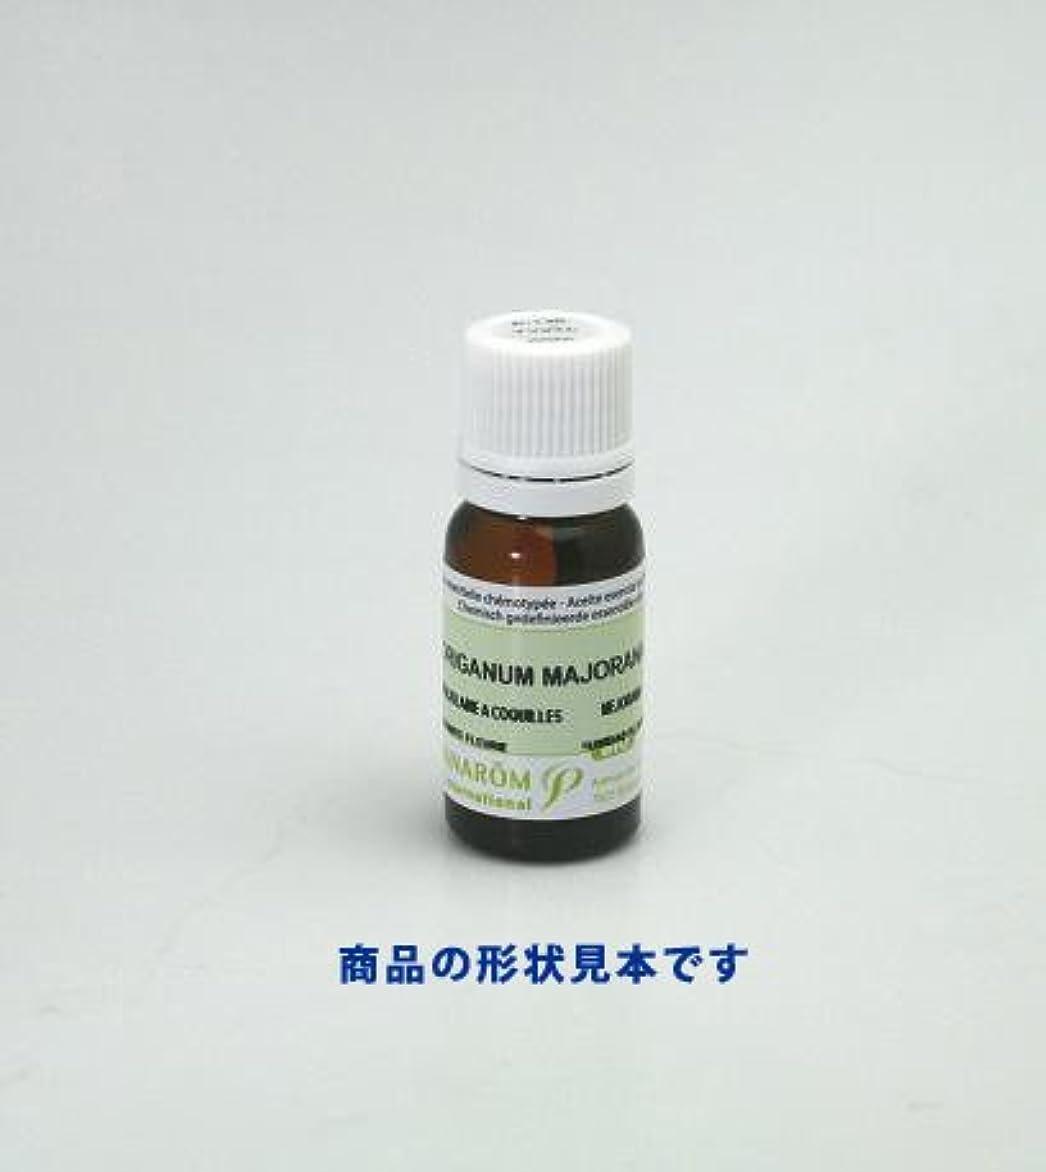 セレナワードローブ処分したプラナロム社製精油:P-155 パチュリー